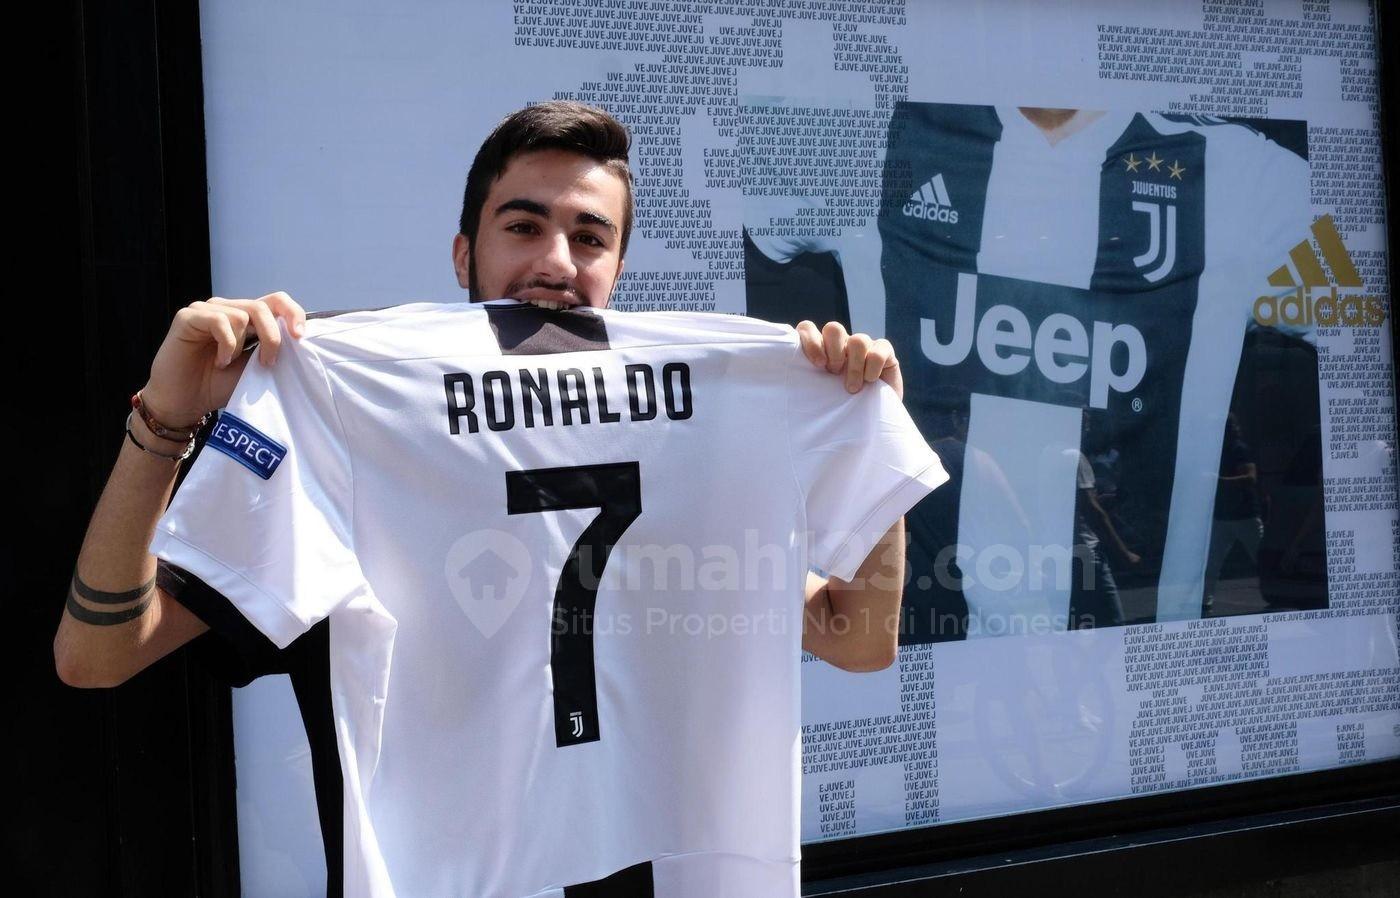 Gokil Jersey Ronaldo Terjual Rp871 Miliar Dalam 24 Jam Wah